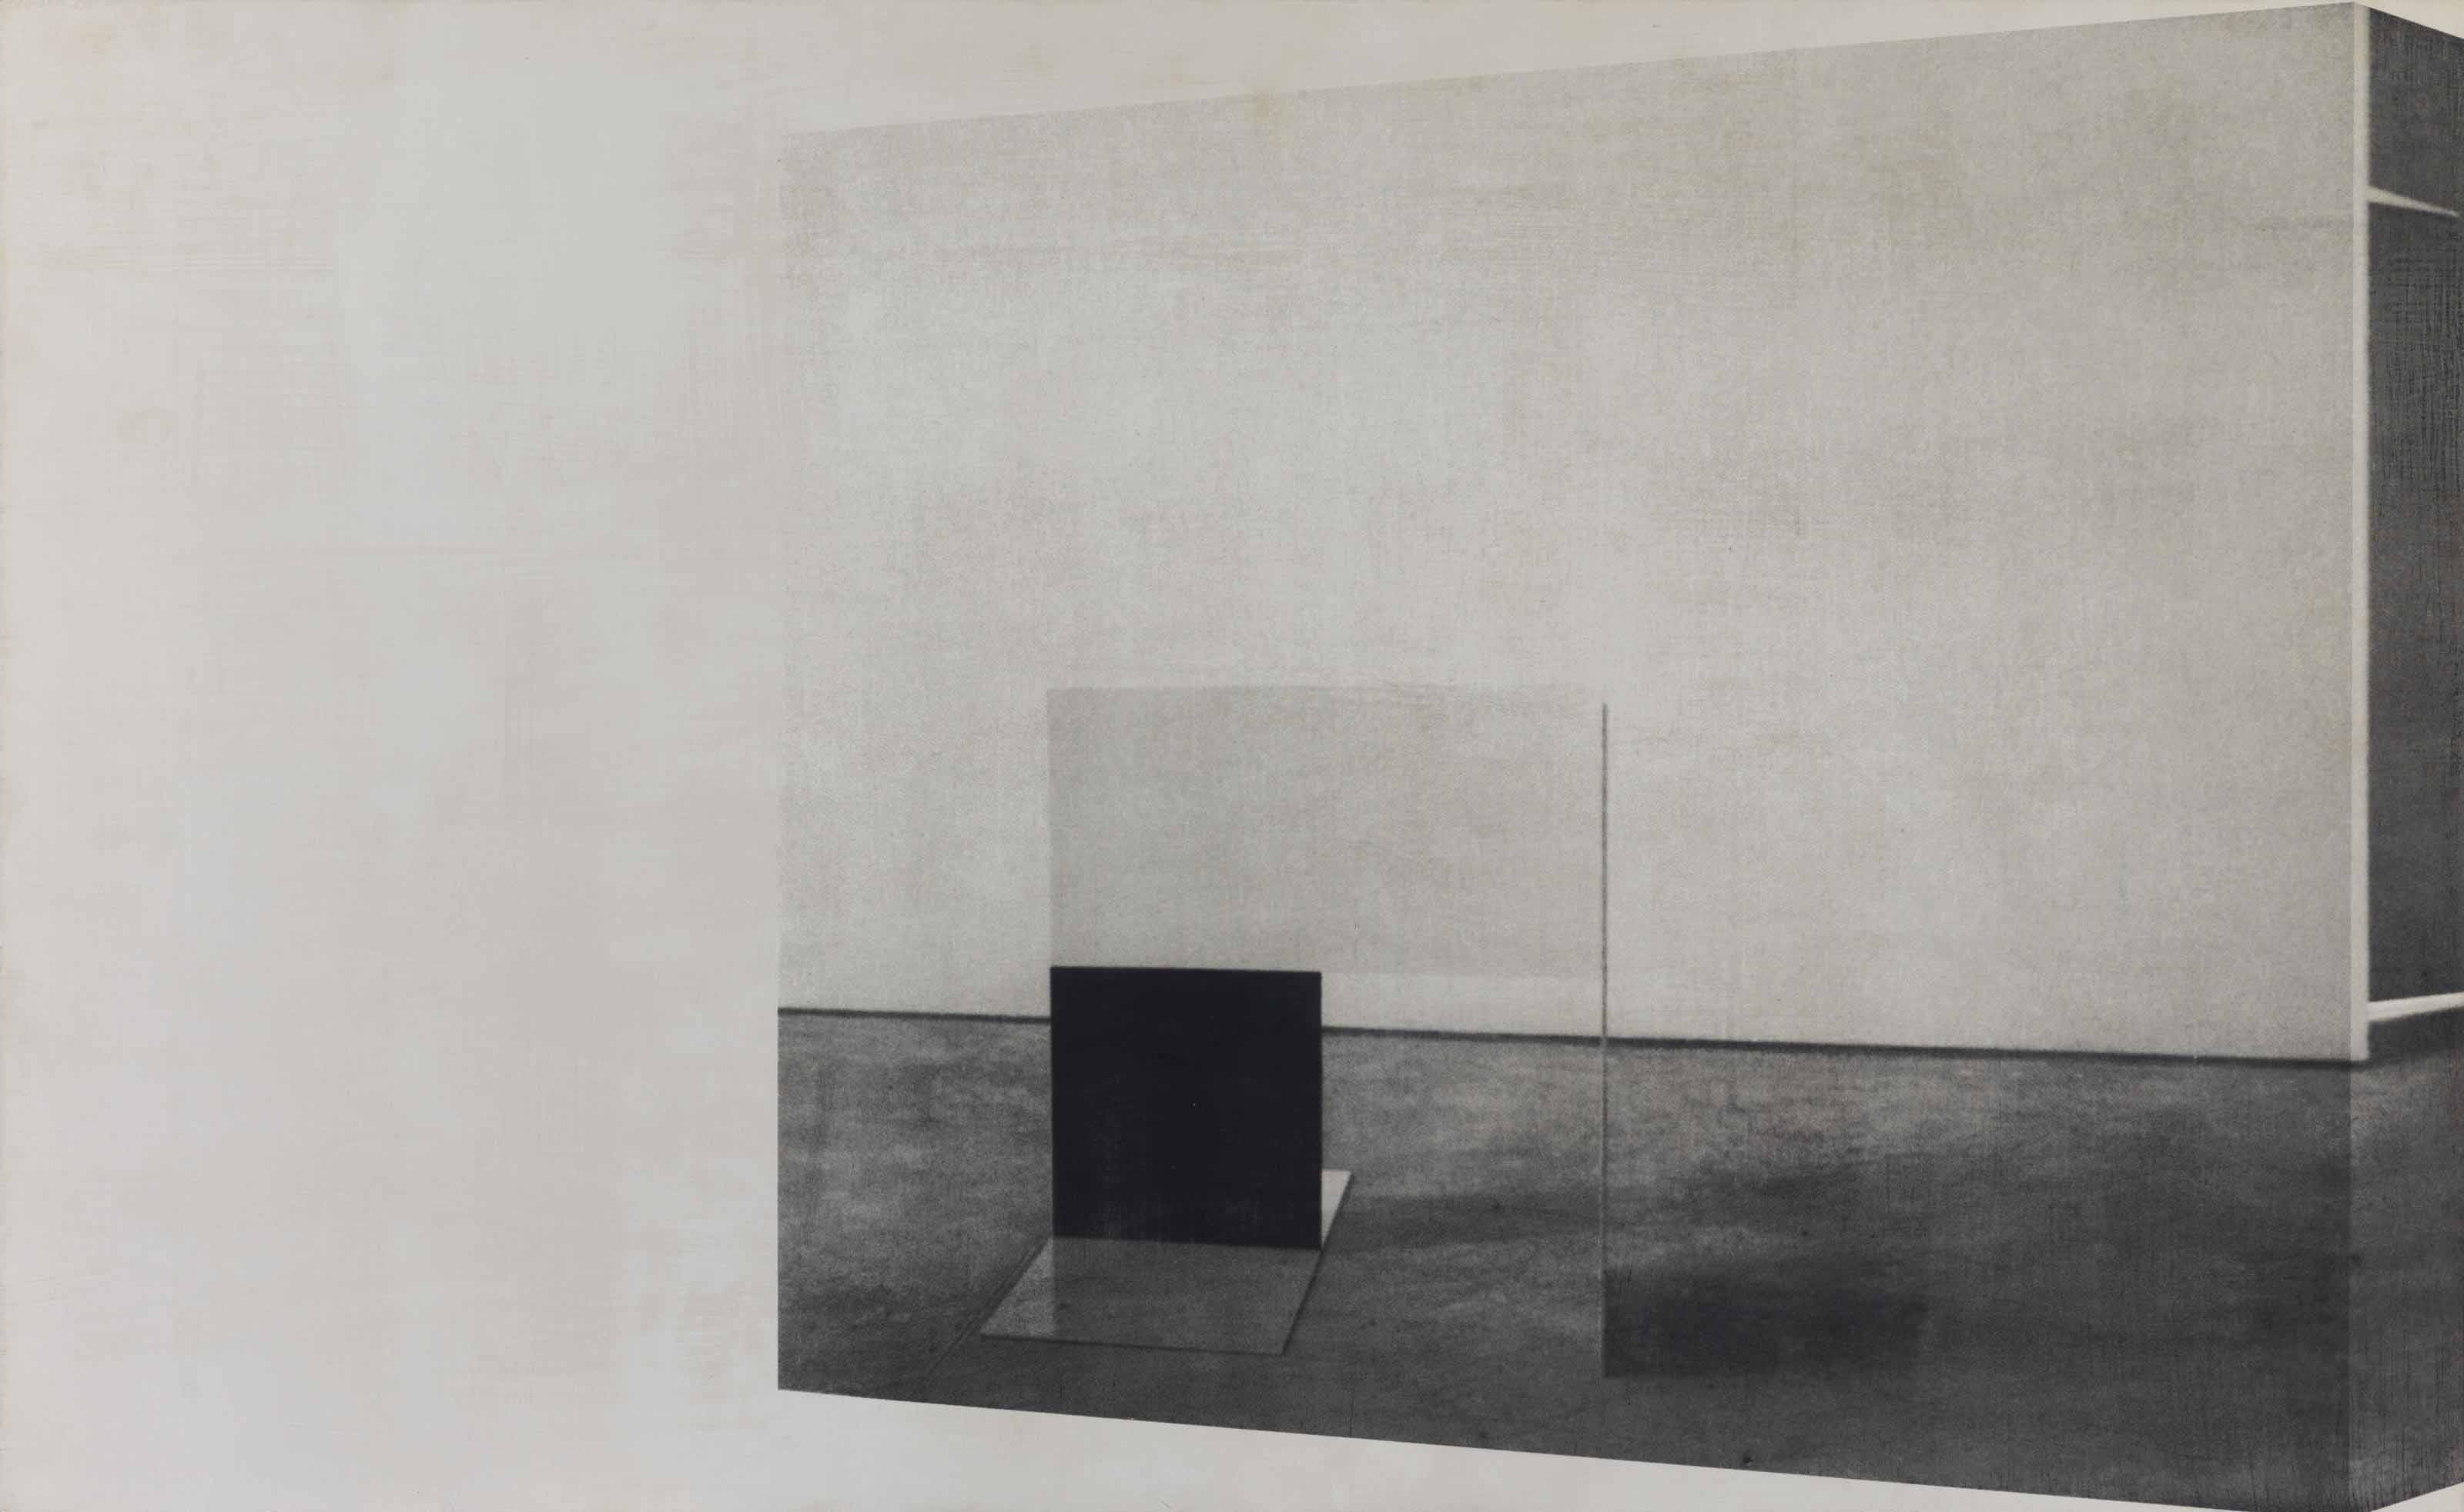 Replica of Kobro's Spatial Composition 2